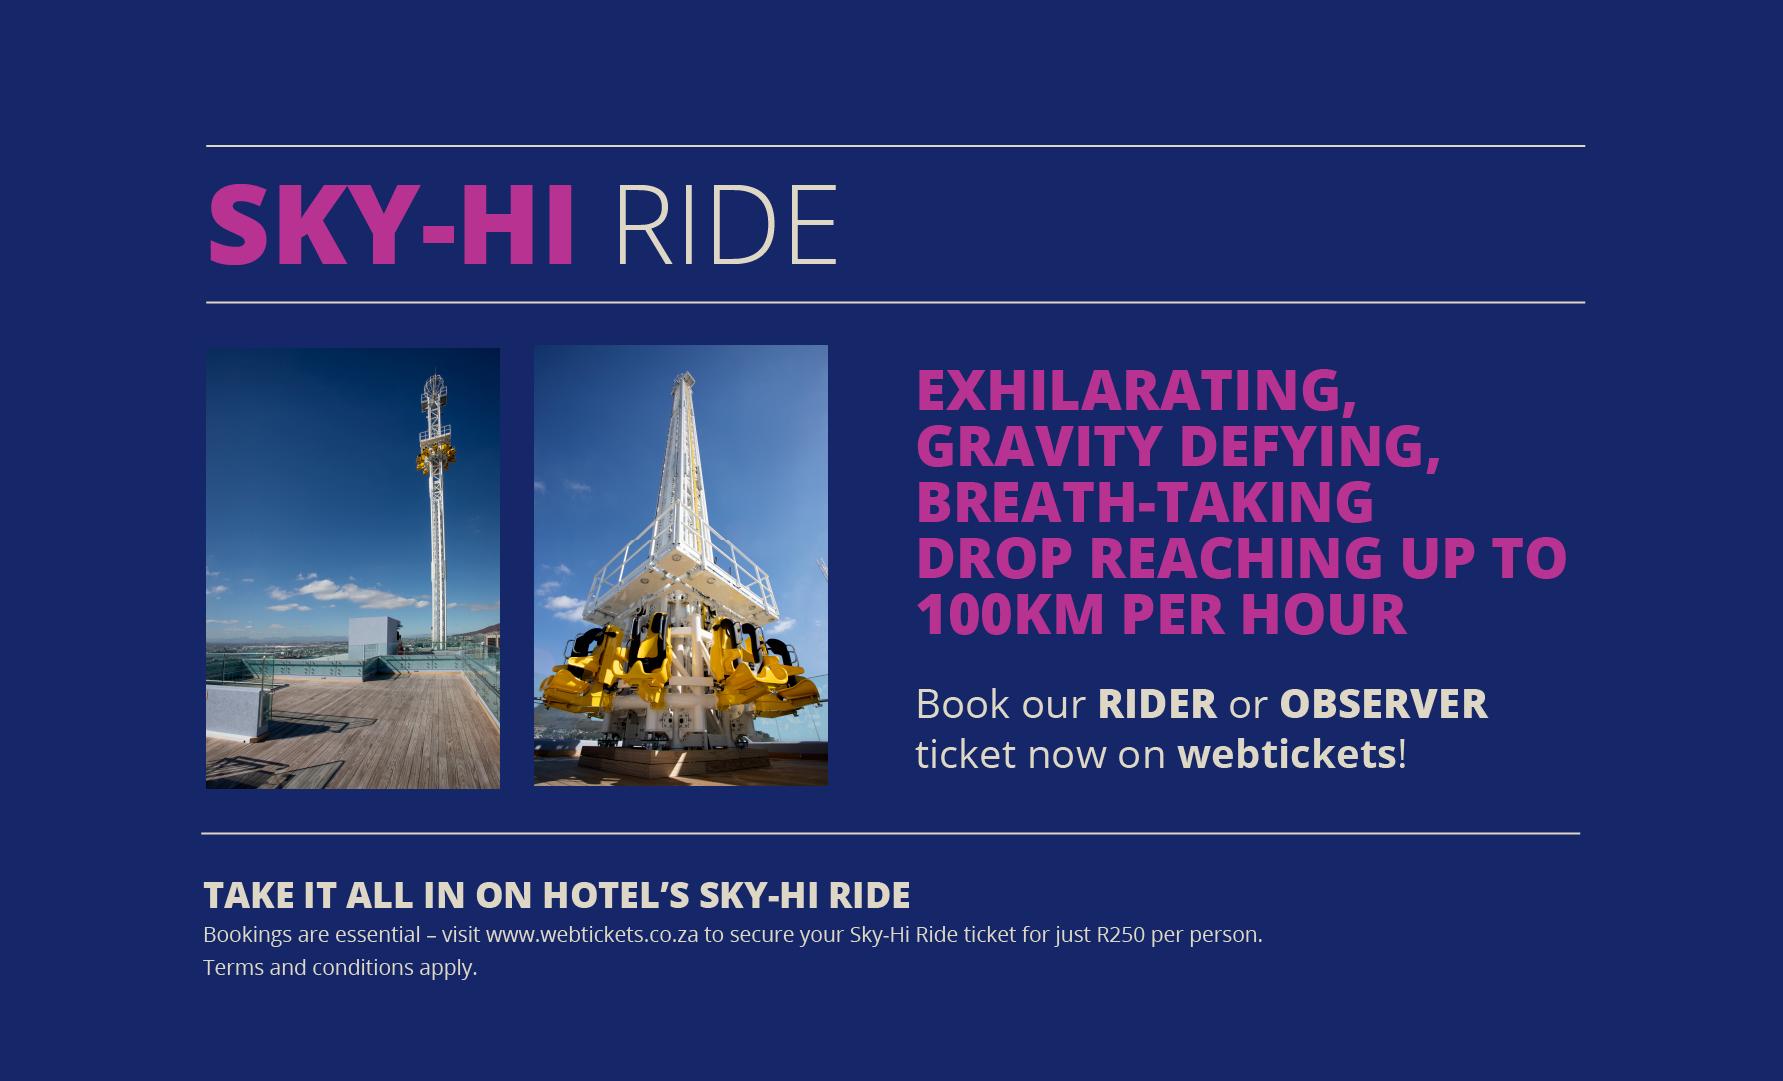 Sky-hi Ride